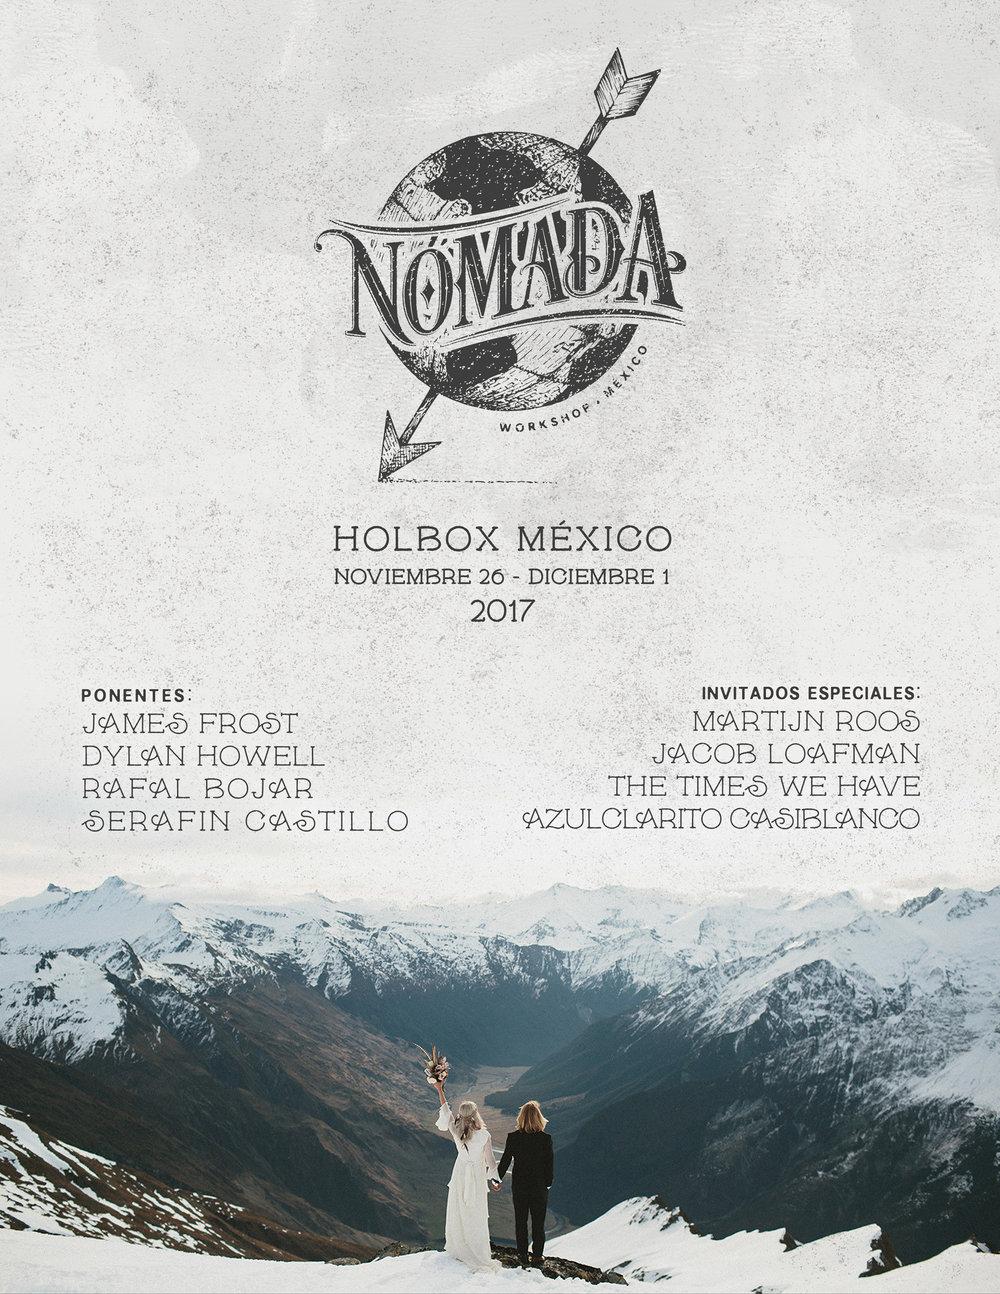 flyer-nomada2017.jpg